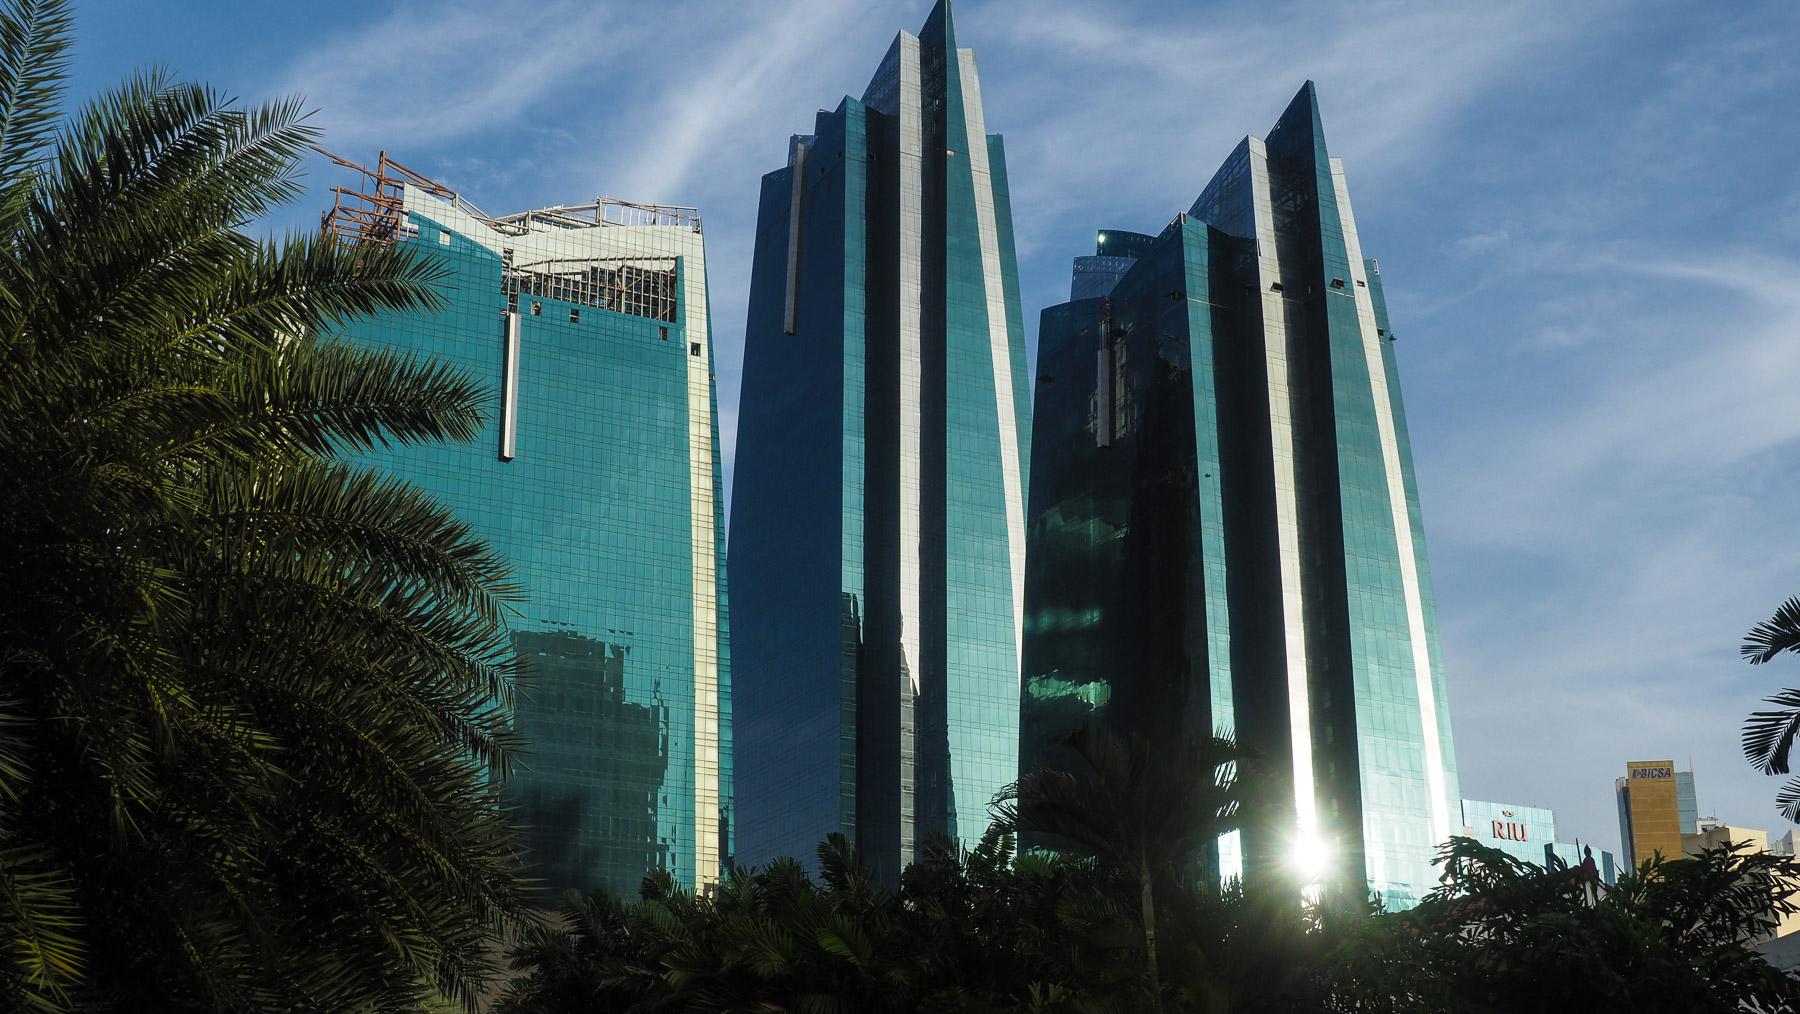 Die beeindruckende Skyline von Panama City mit 49 Wolkenkratzern